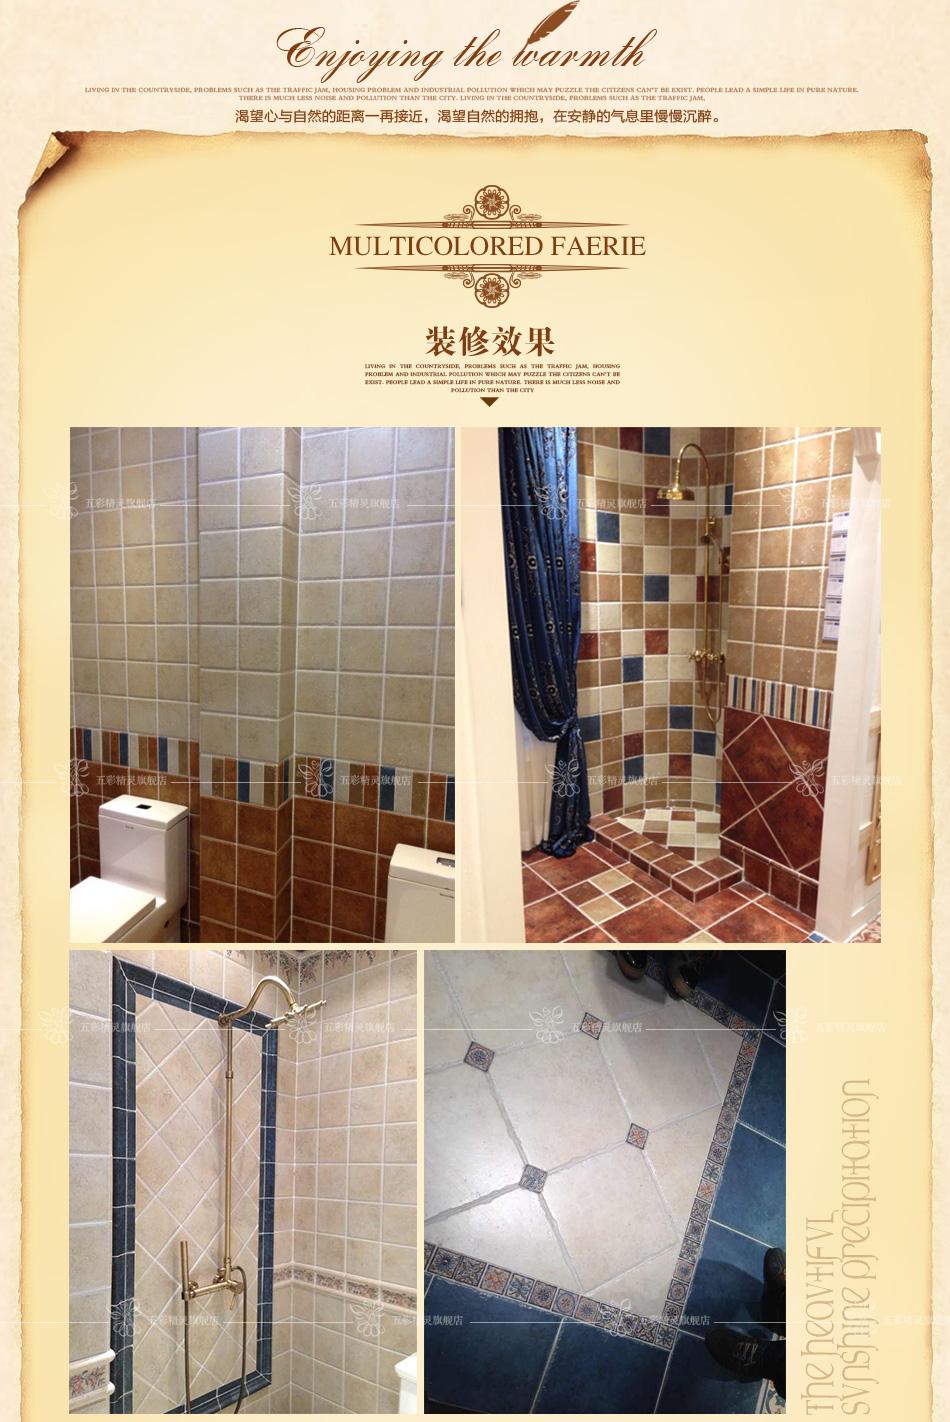 复古圆角砖 地板砖卧室客厅厨房瓷砖 地砖送角 l50801 500*50 3 热销图片